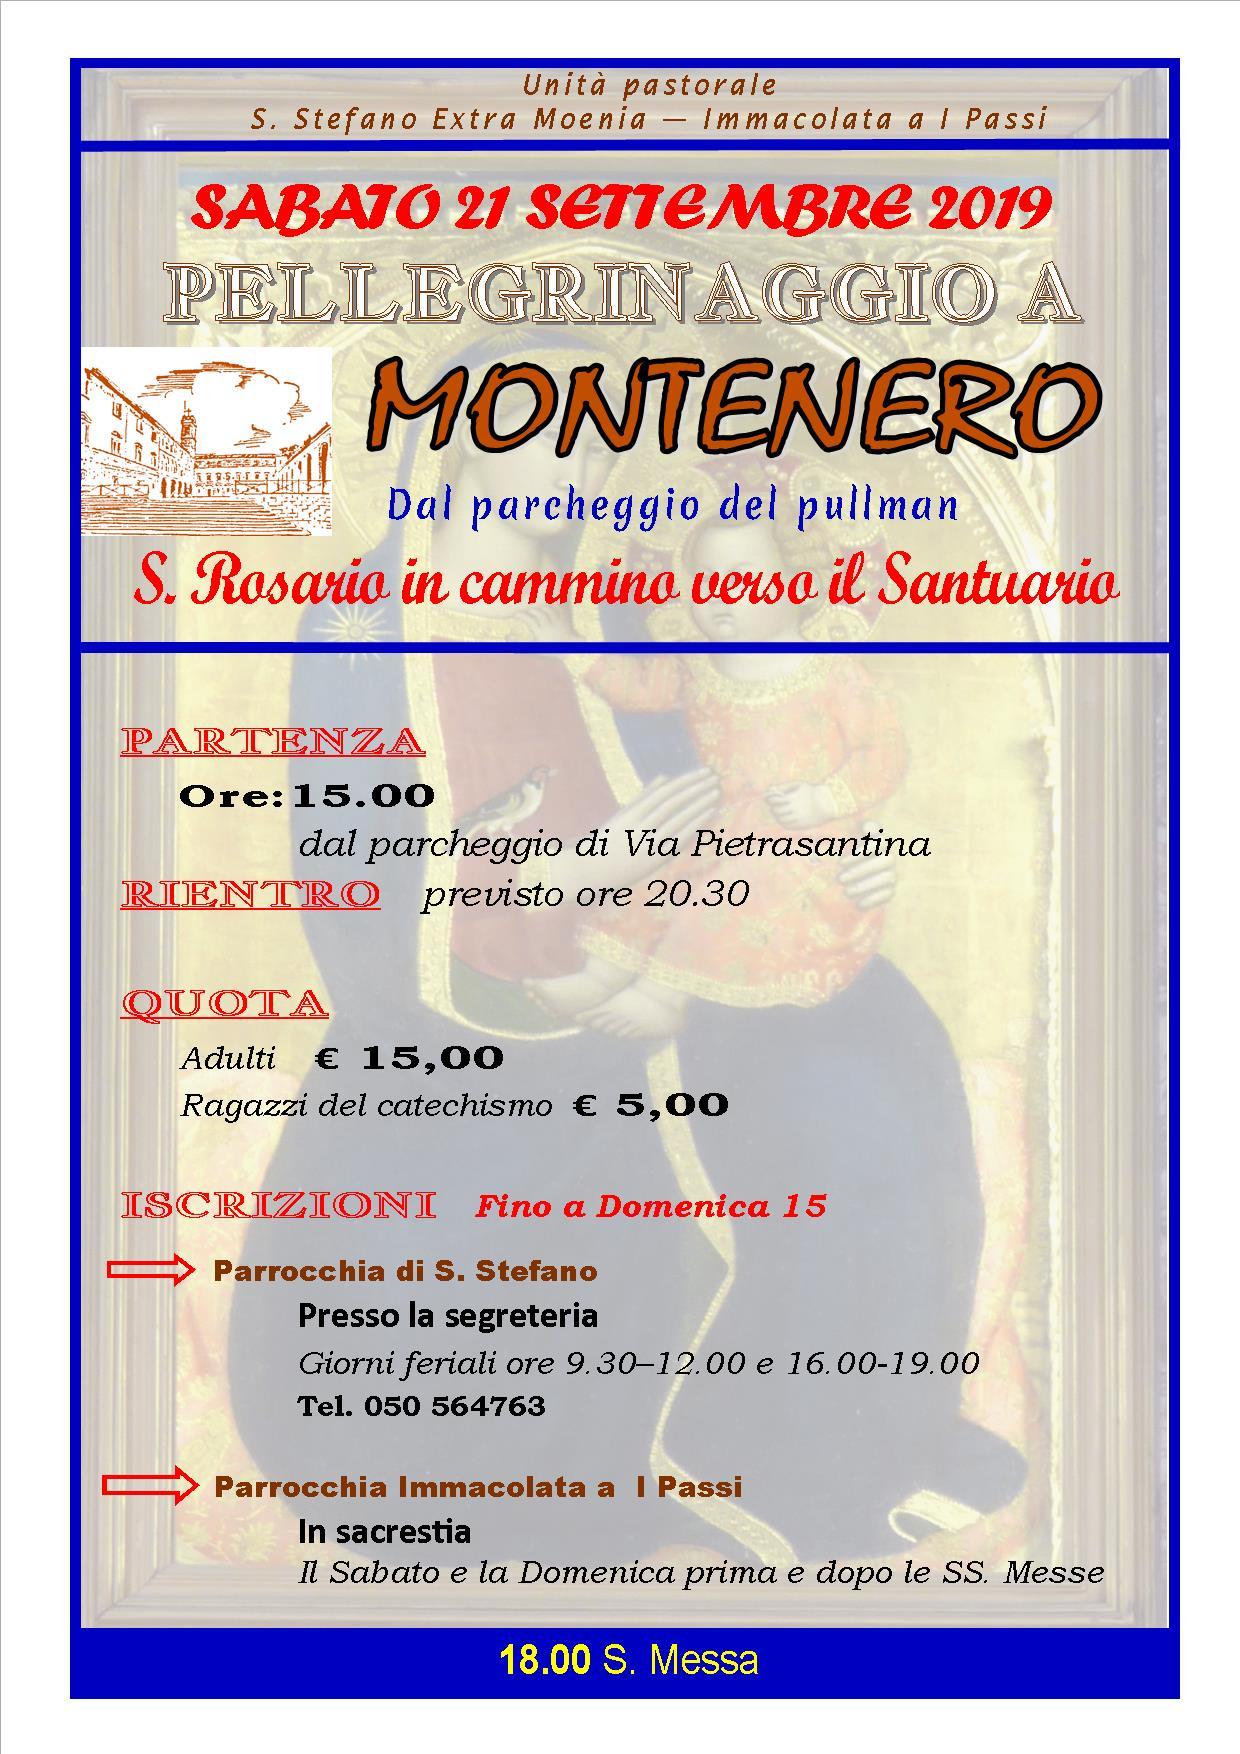 Pellegrinaggio a Montenero 2019